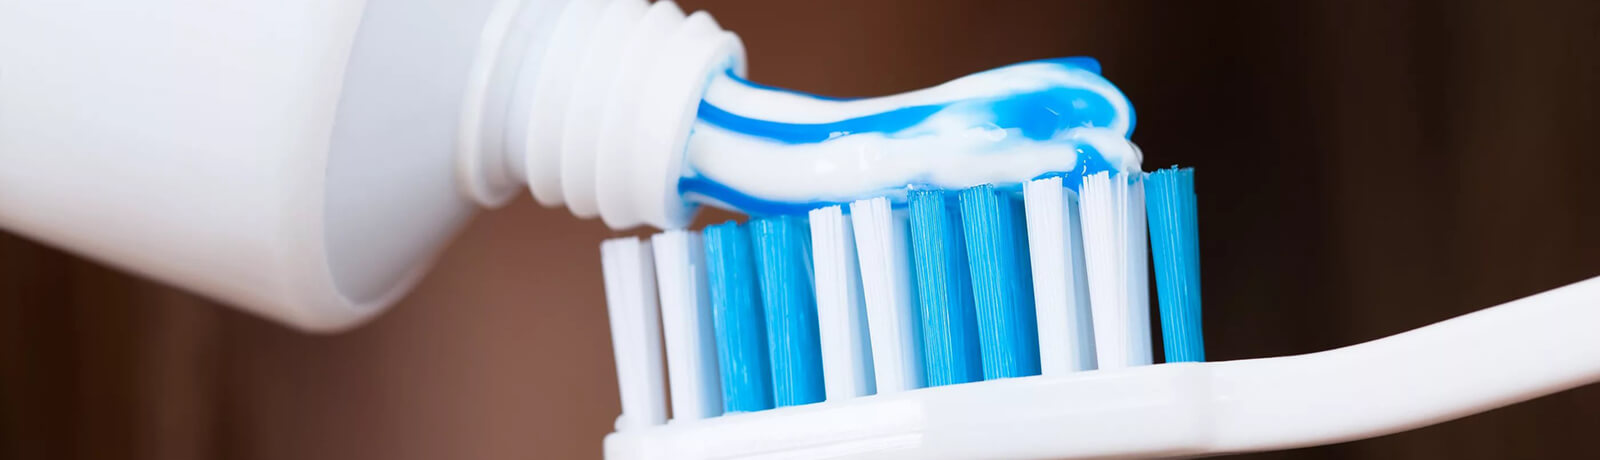 Краткий гид покупателю зубной пасты